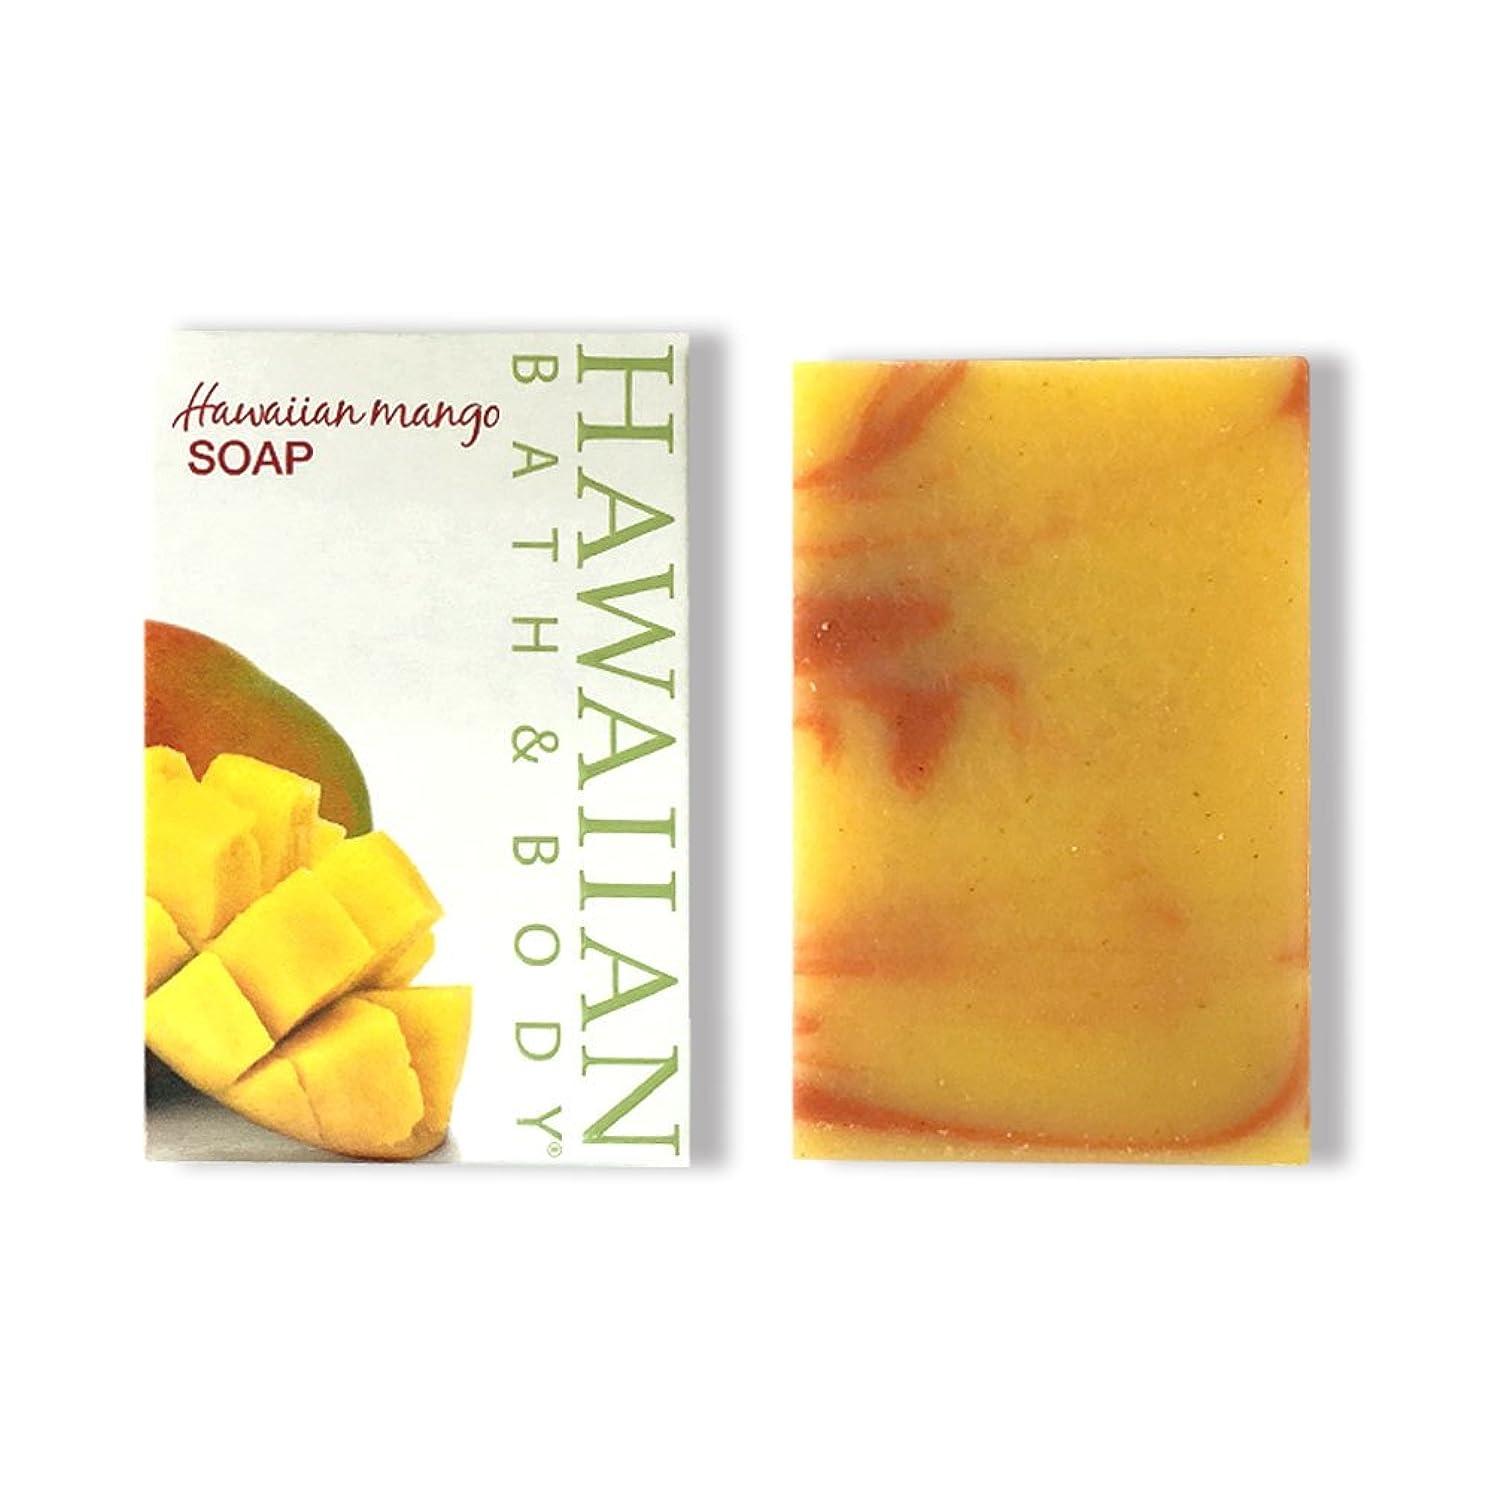 放置冷酷なアプローチハワイアンバス&ボディ ハワイアンマンゴーソープ ( Hawaiian Mango Soap )